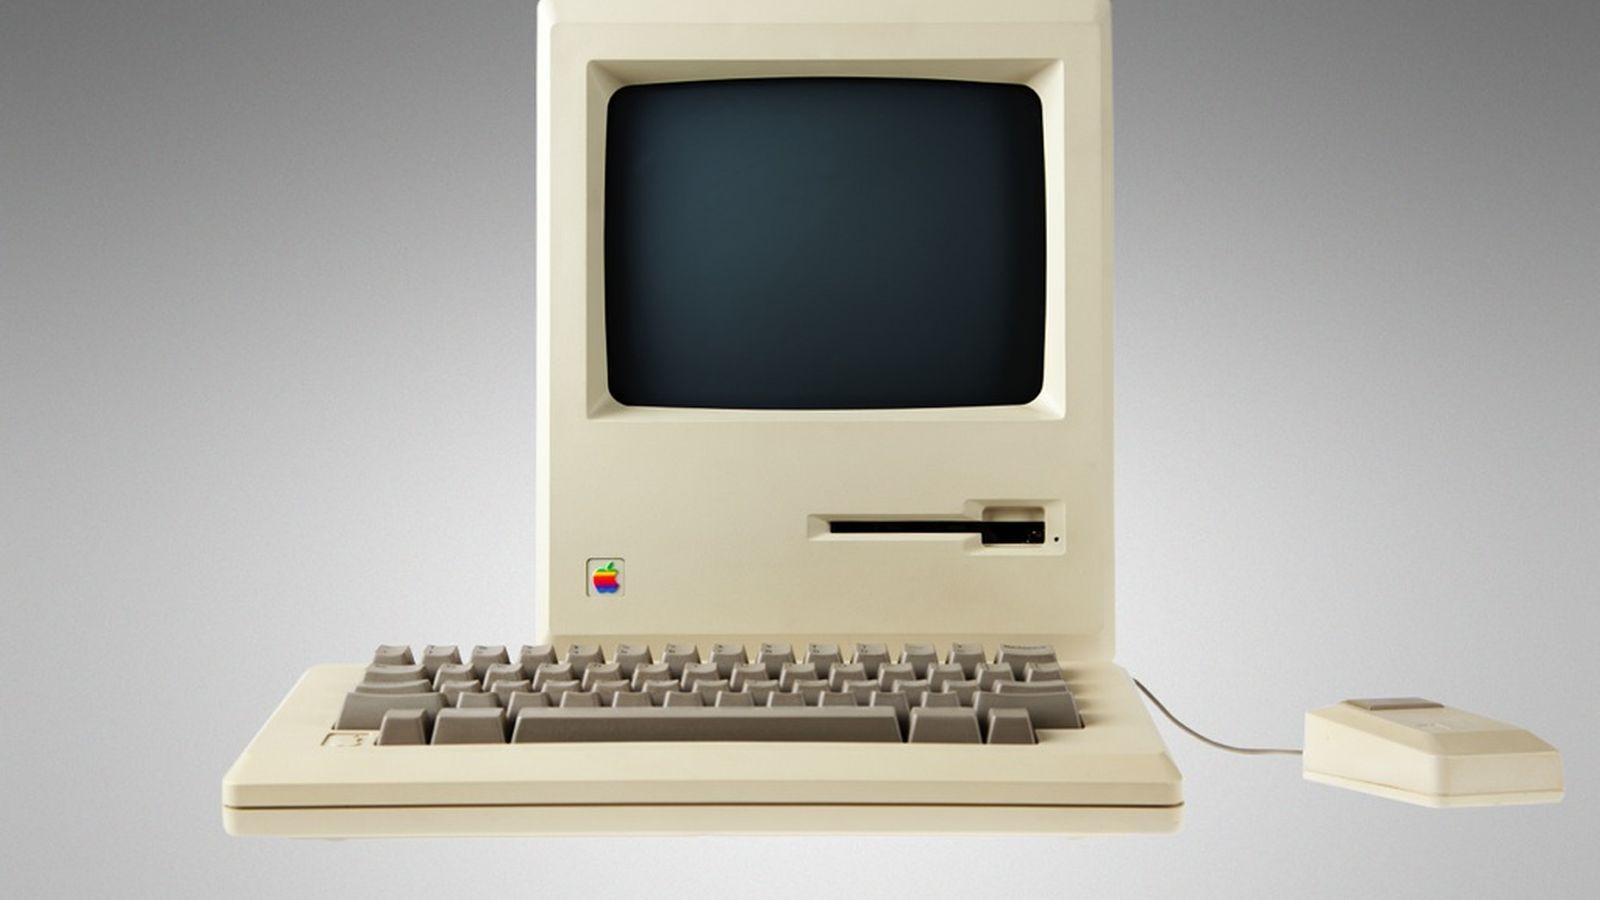 Mac OS X 7.5.5 запустили на iPad Air 2